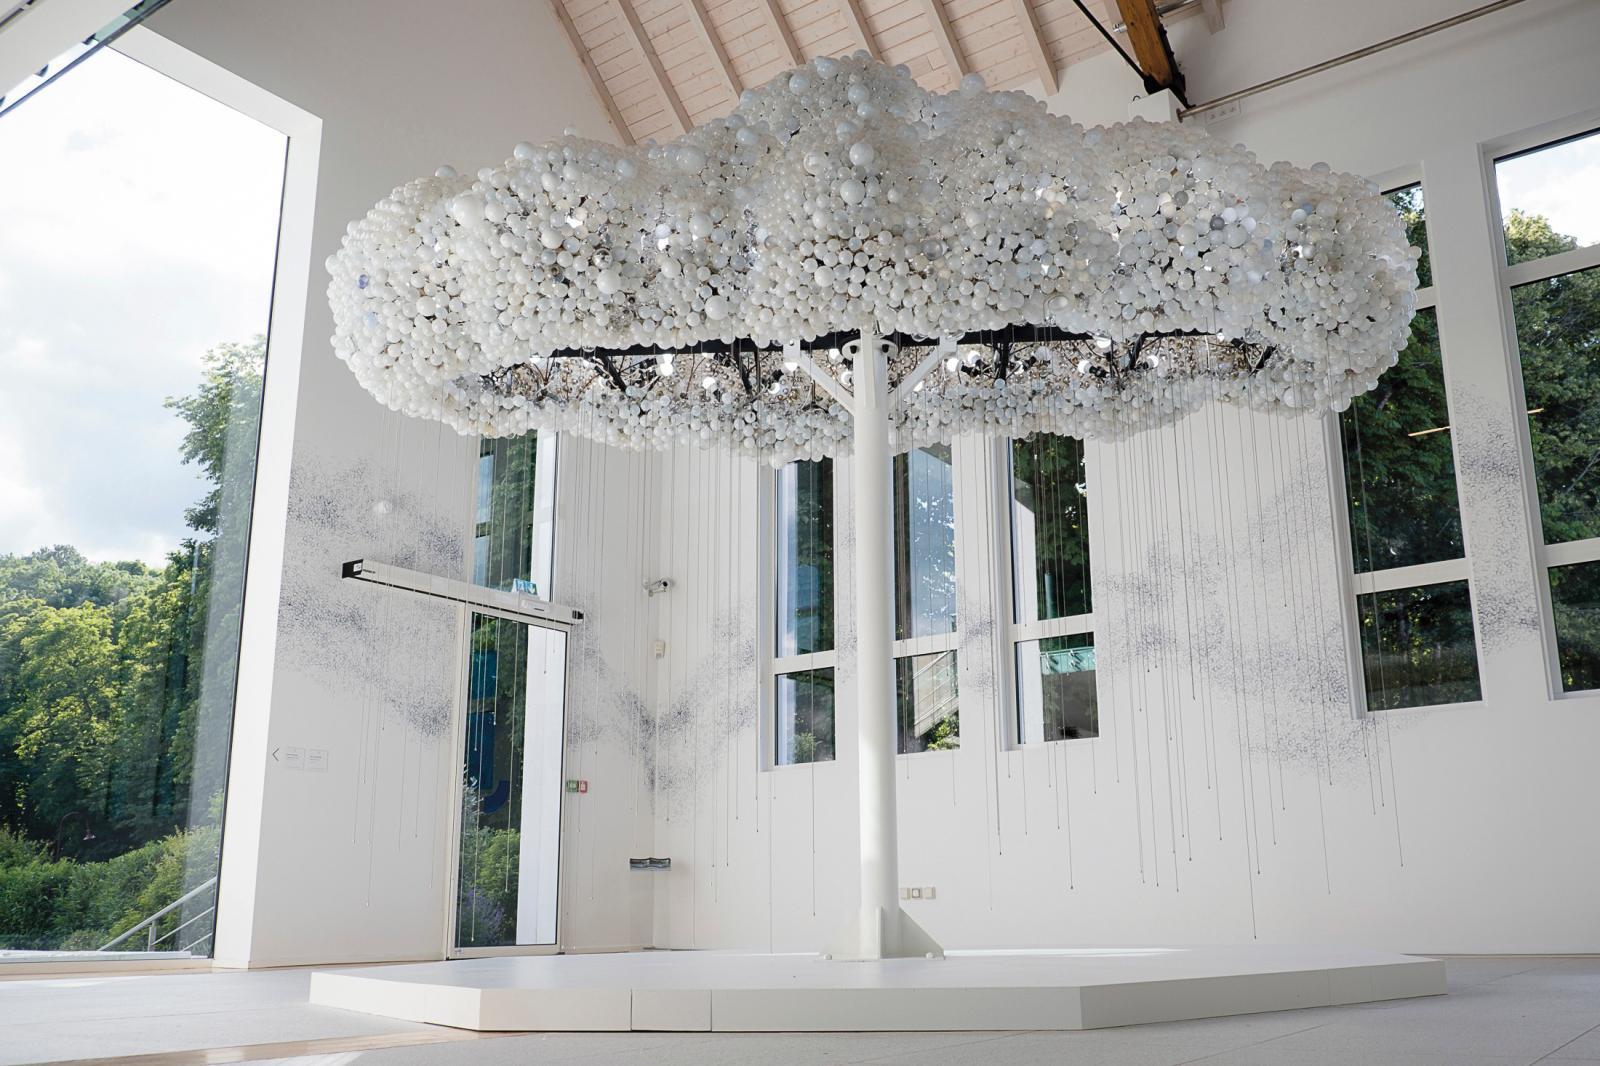 Caitlind Brown & Wayne Garrett, Cloud, 2012, installation composée de 6000ampoules. Courtesy des artistes et fondation François Schneide